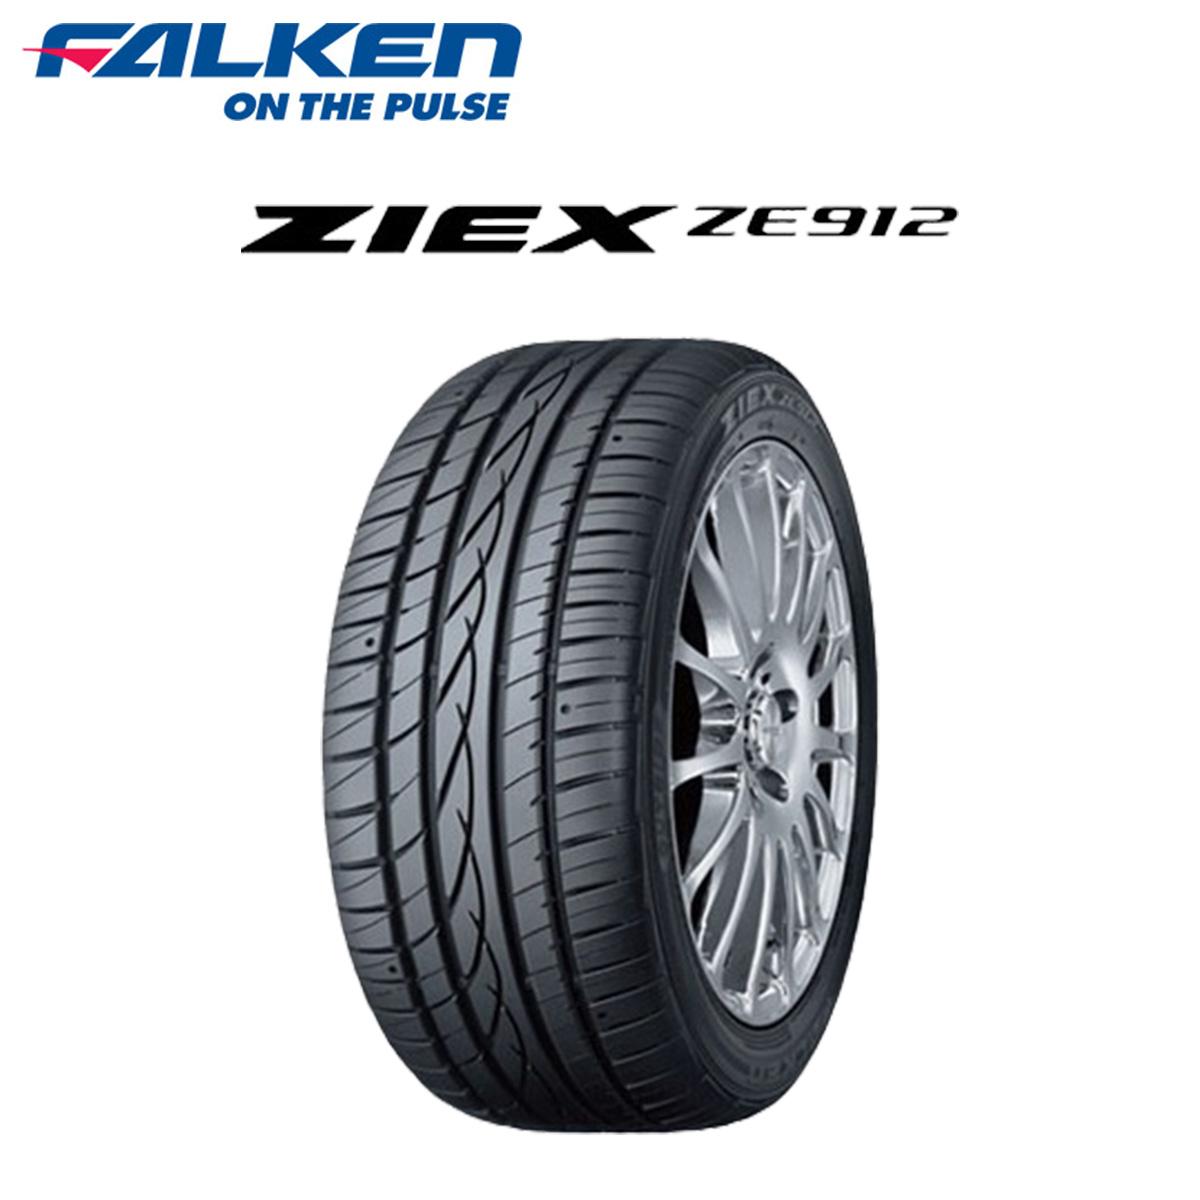 FALKEN ZIEX ZE 912 87 V 195//55 R 16